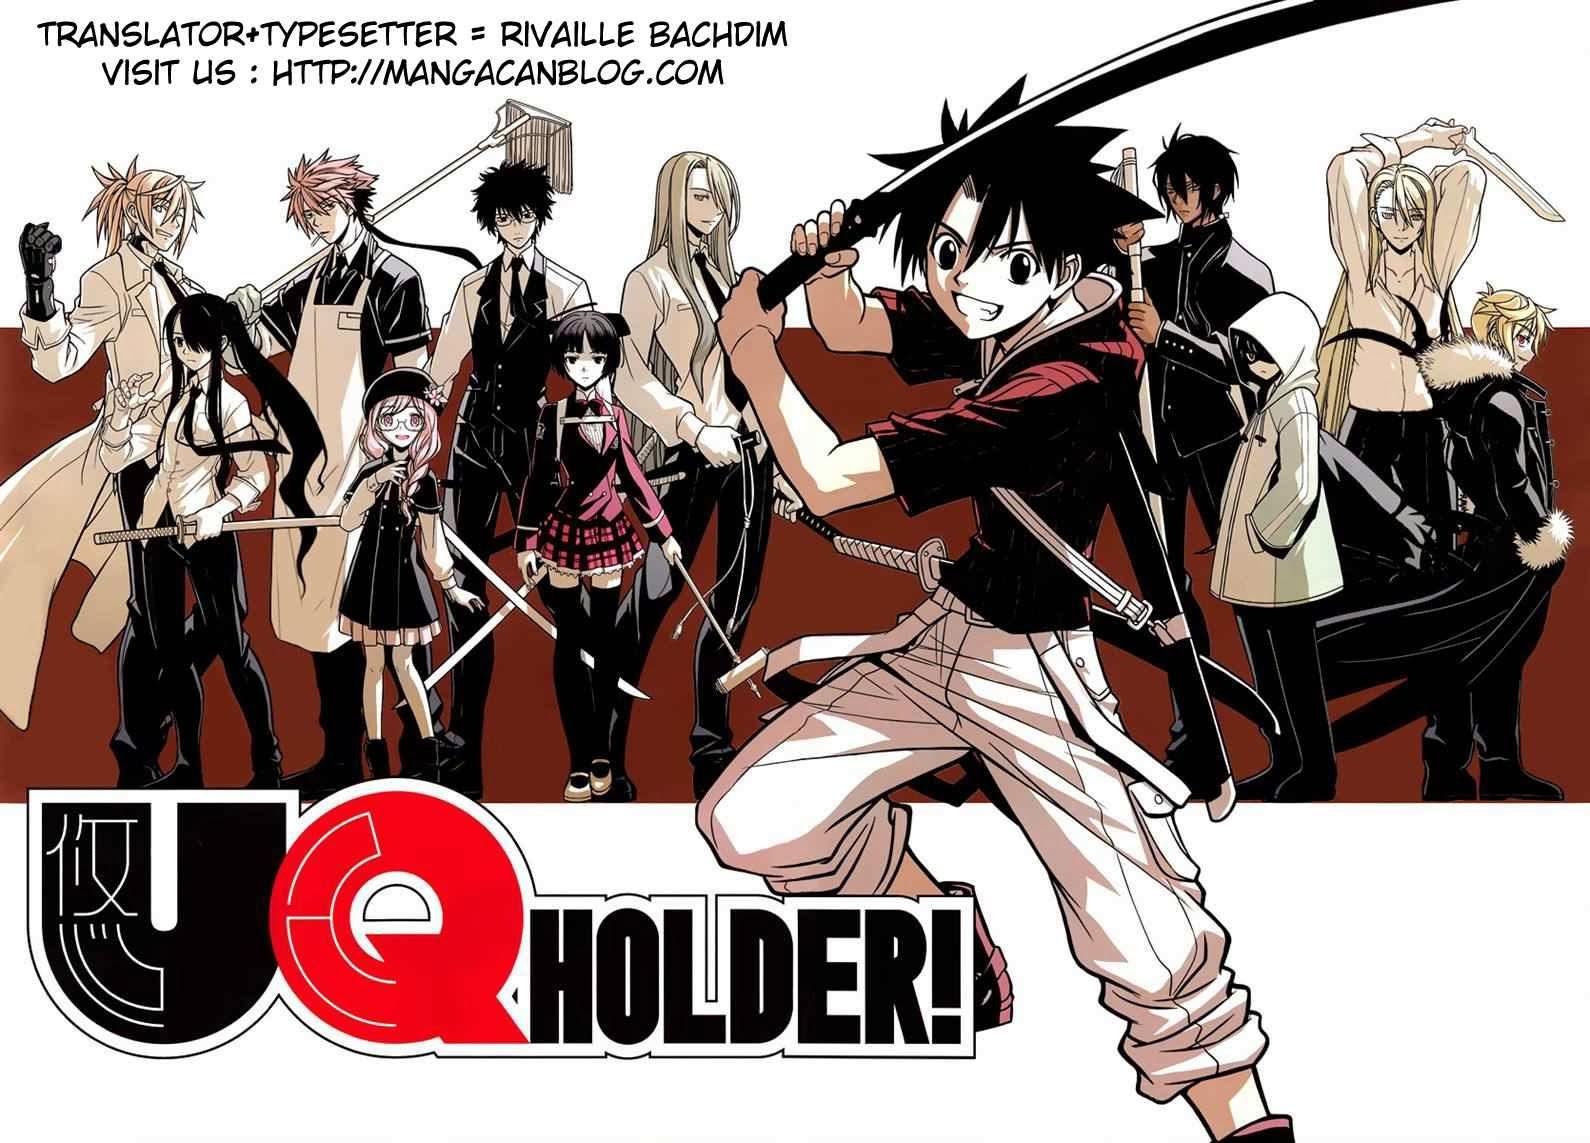 Komik uq holder 001 - gunakan mode next page + jumlah hal 80 2 Indonesia uq holder 001 - gunakan mode next page + jumlah hal 80 Terbaru 0|Baca Manga Komik Indonesia